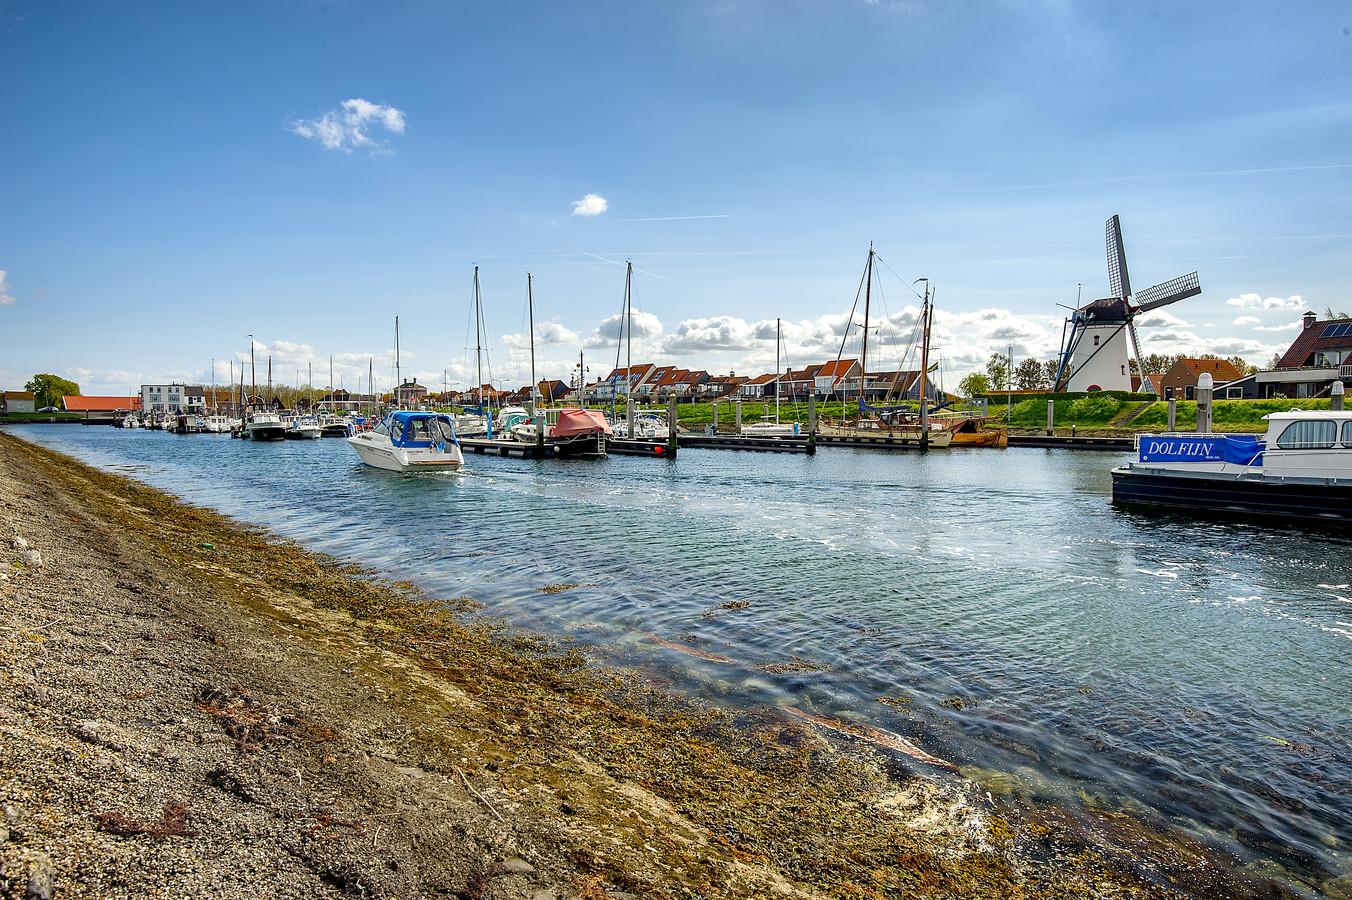 De haven van Stavenisse.